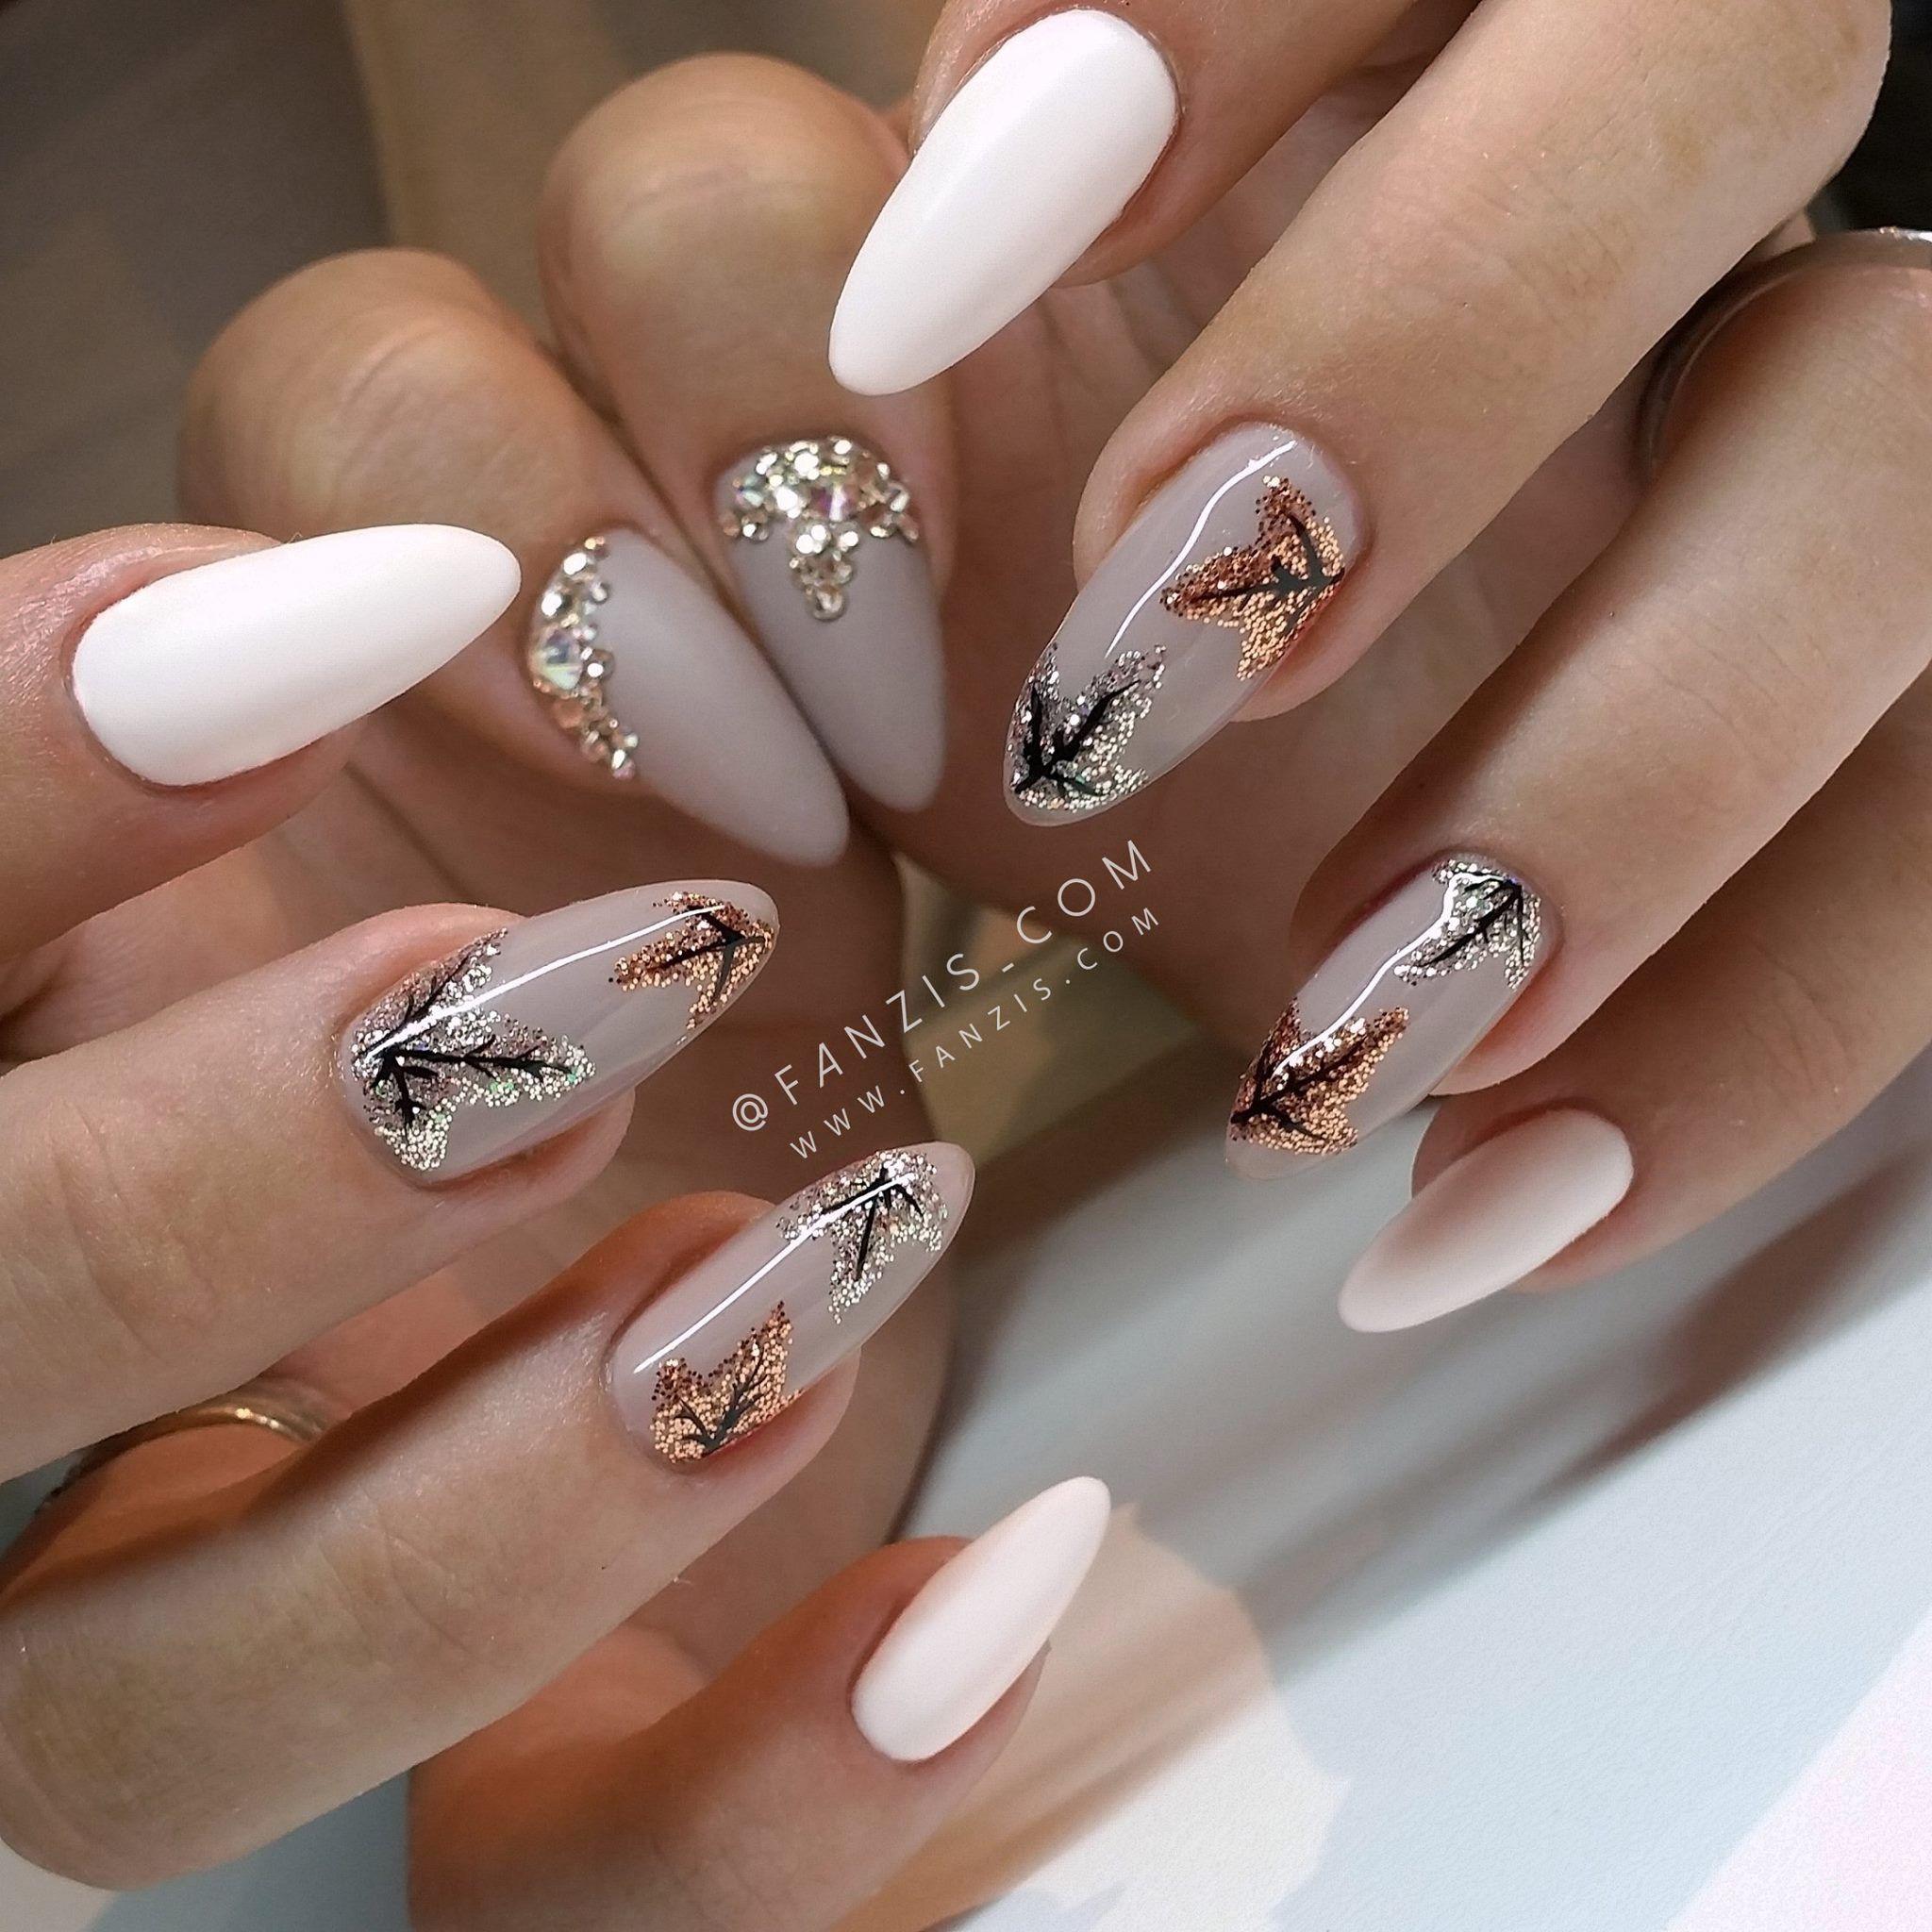 Fall nails | Perfect nails | Pinterest | Makeup, Autumn nails and ...